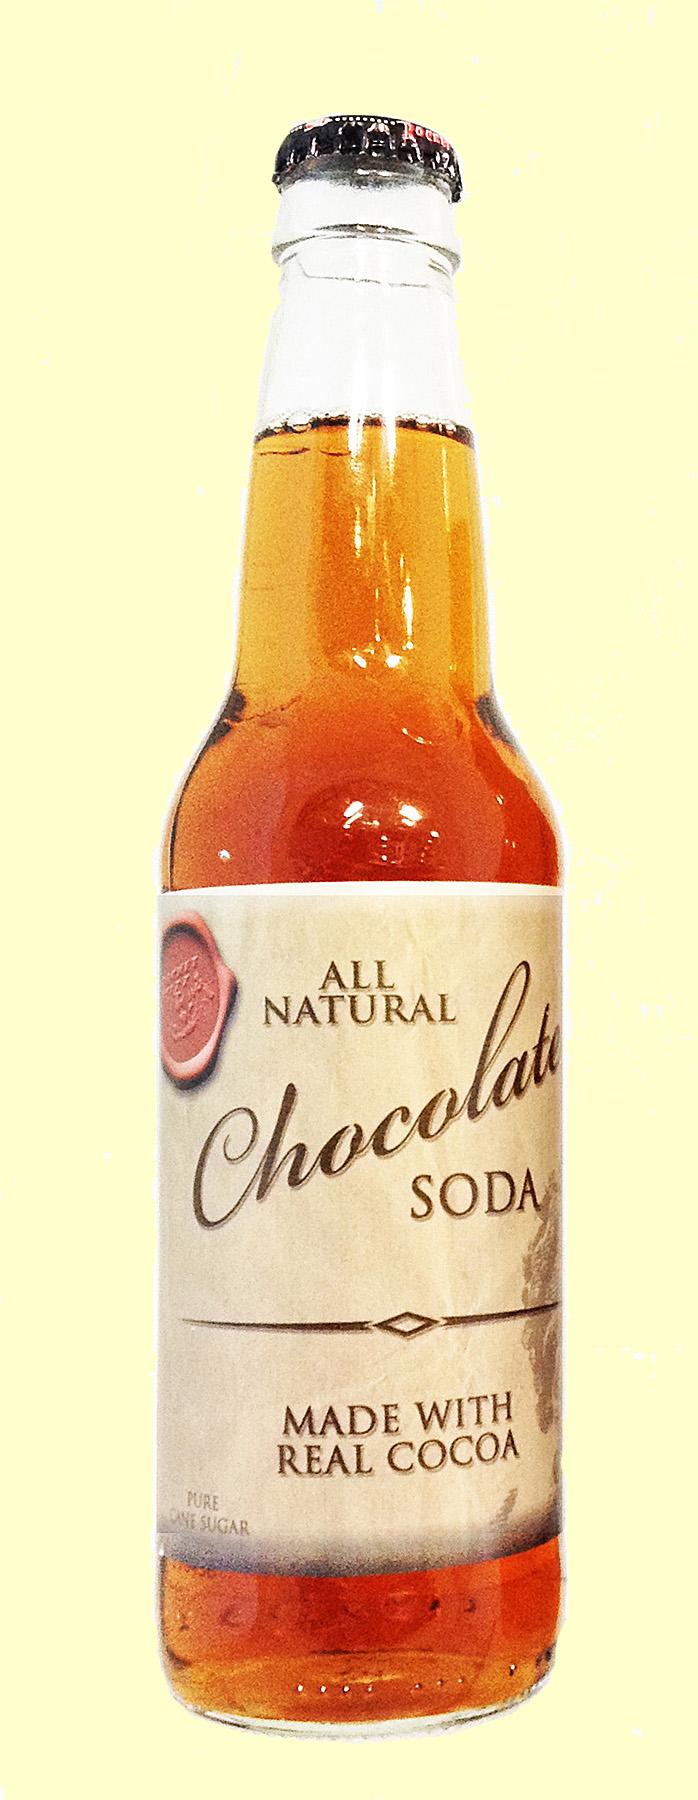 Rocket Fizz Chocolate Soda